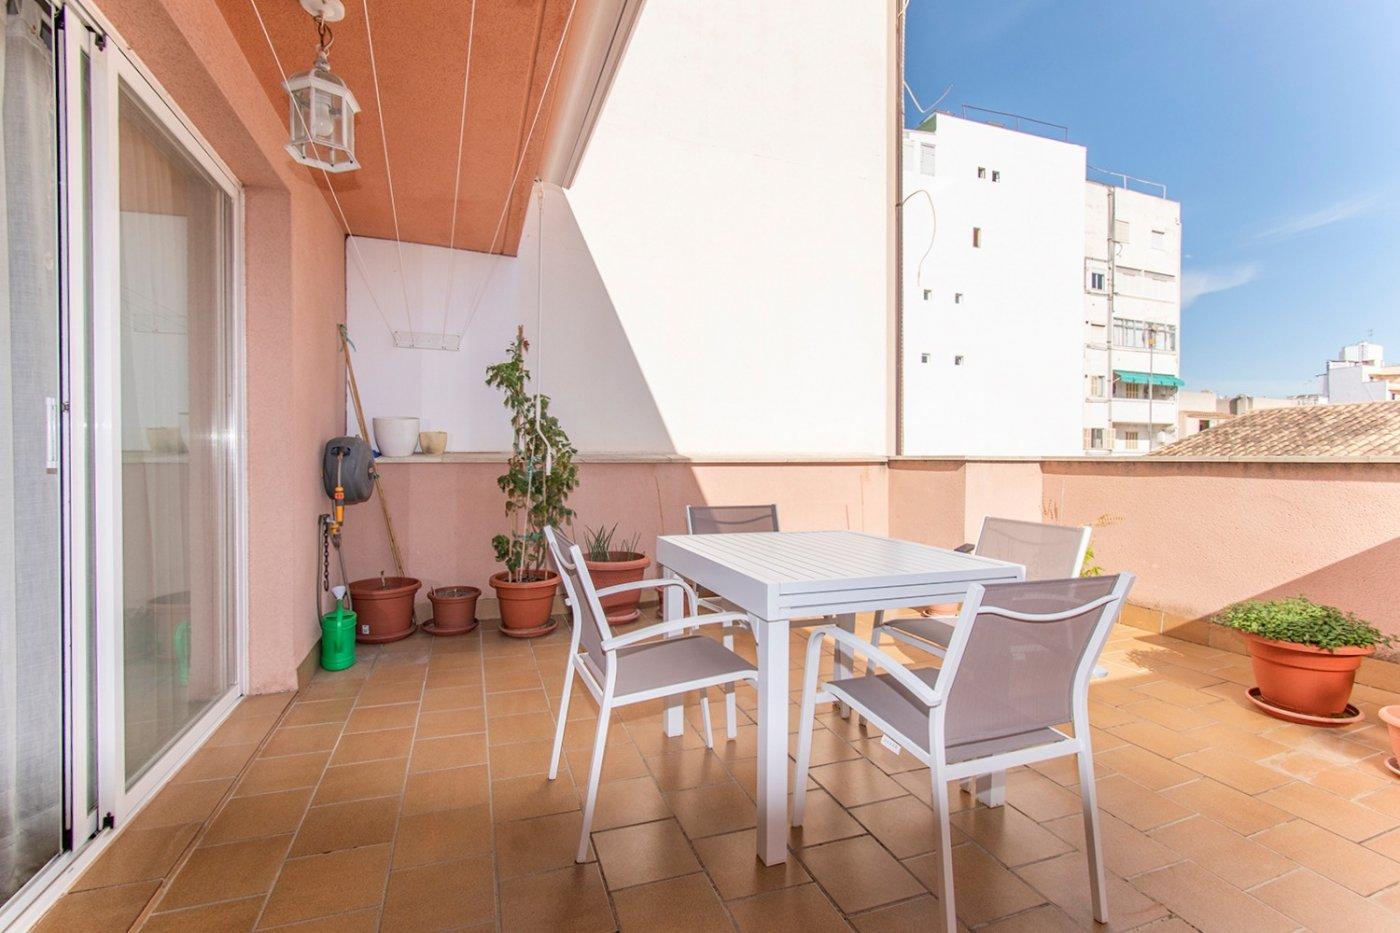 Ático-dÚplex de 3 habitaciones con terraza en planta en pedro garau (parking opcional) - imagenInmueble1